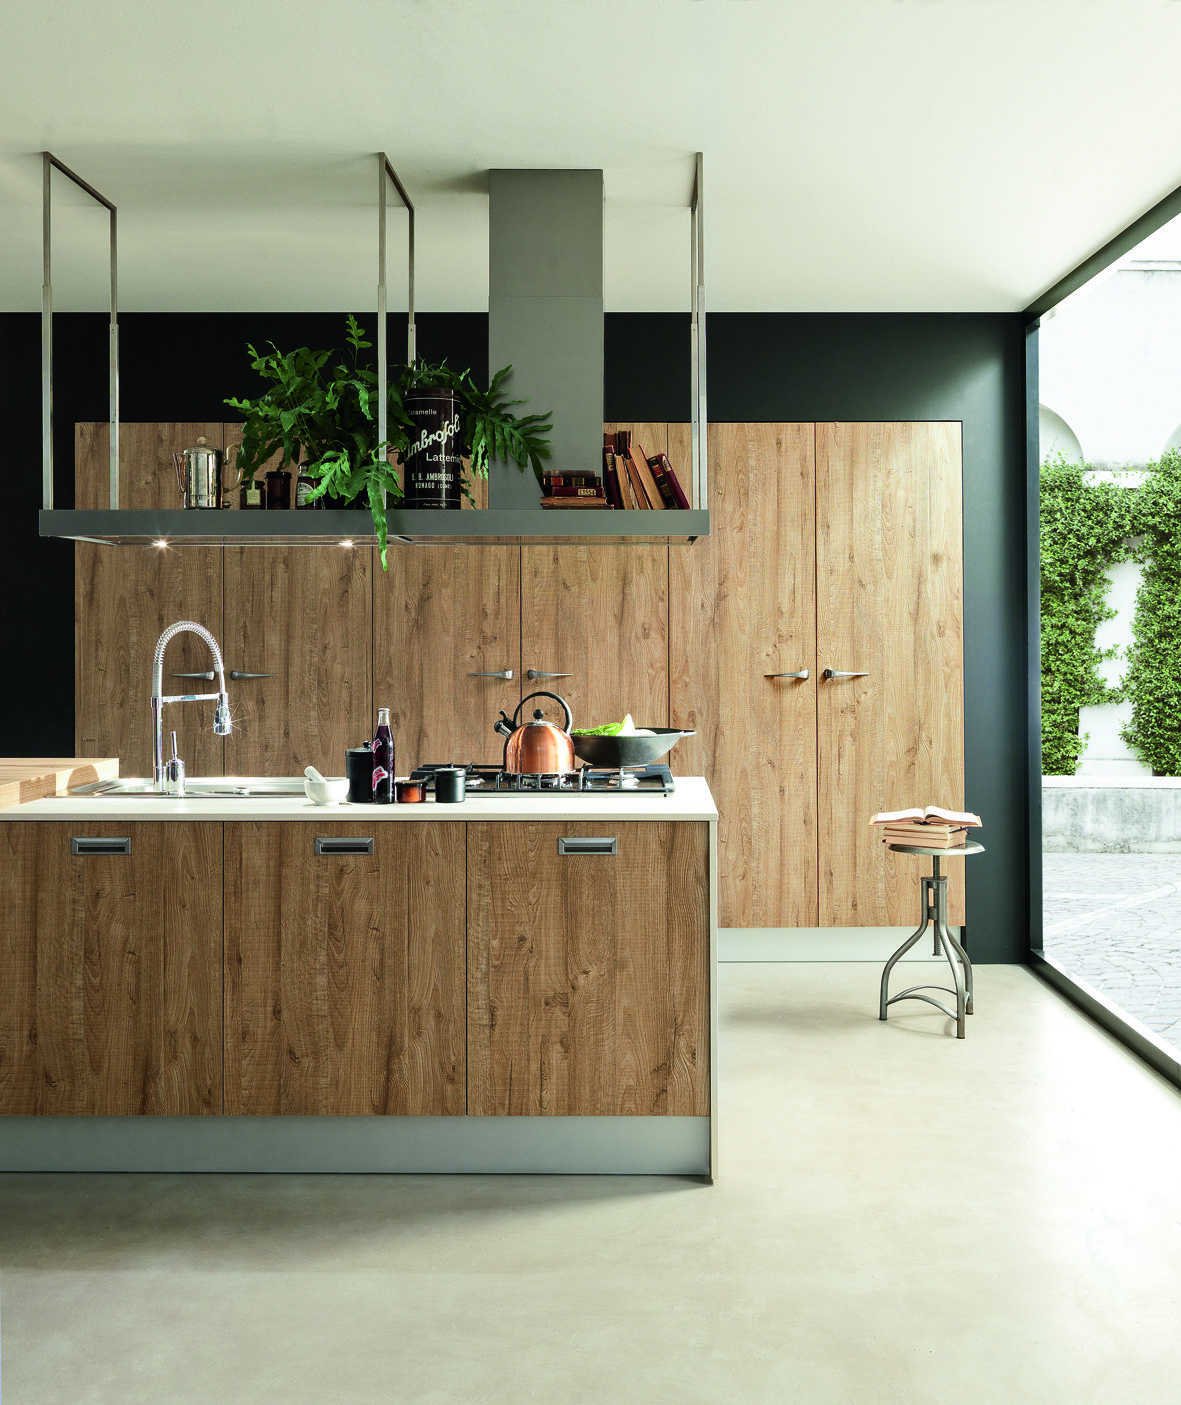 Cucine industrial style cose di casa - Cucine in acciaio per casa ...